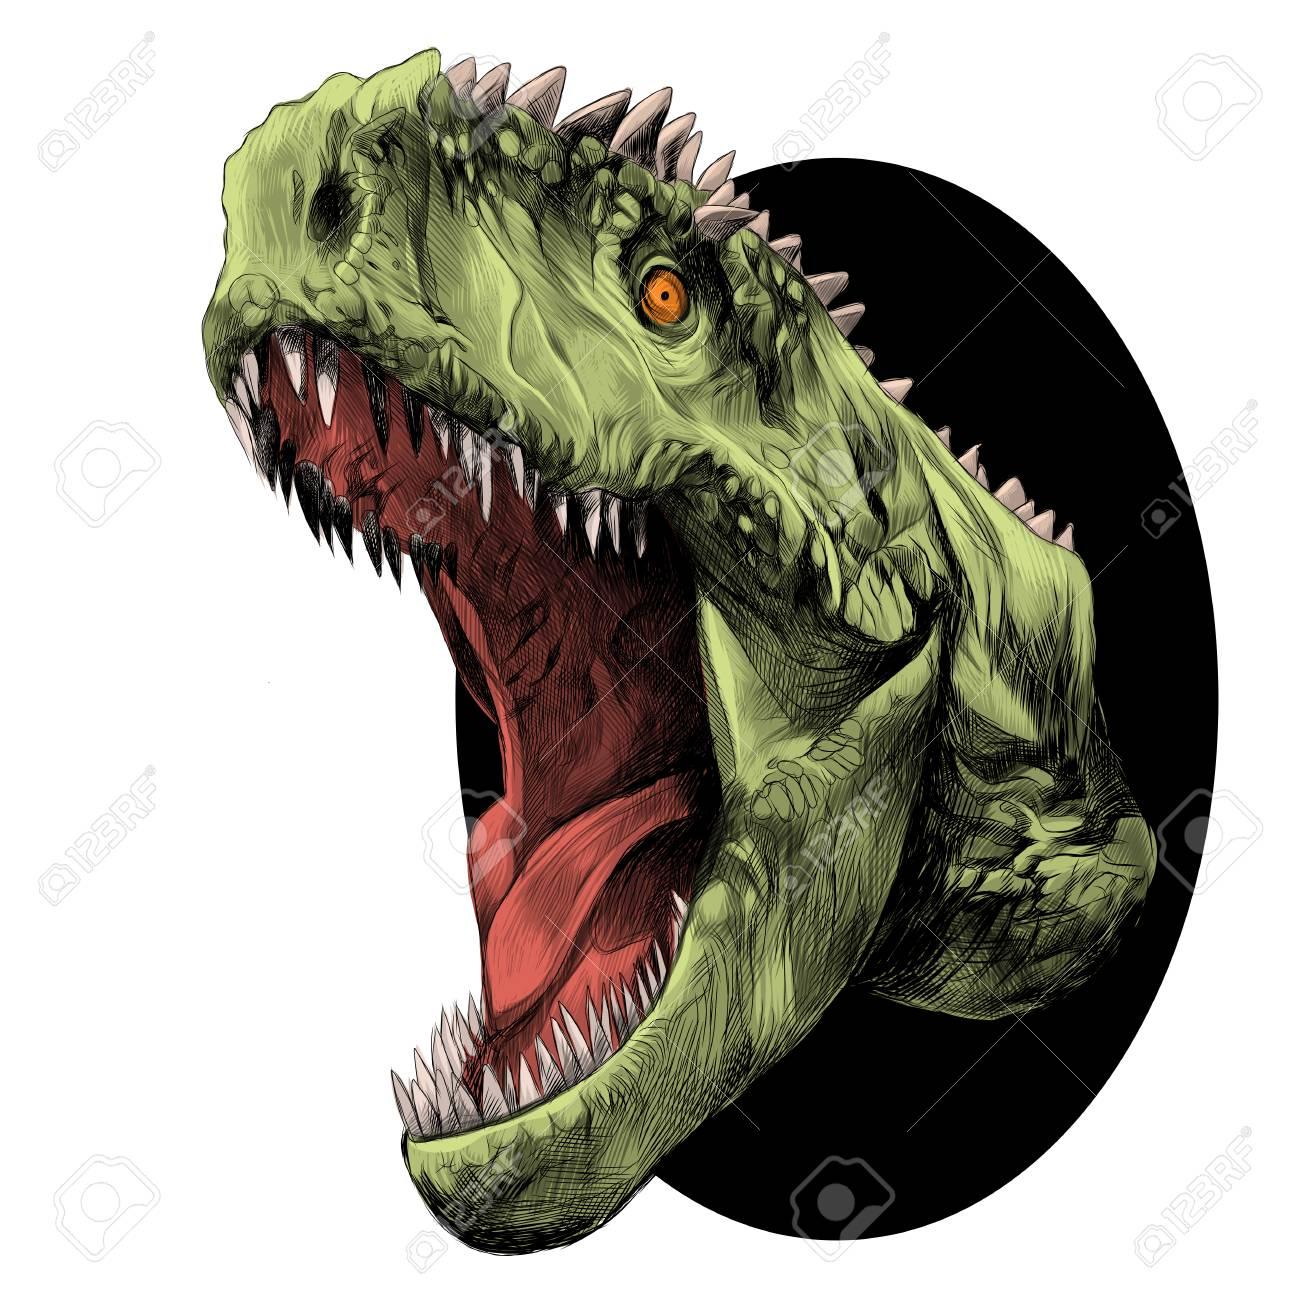 Cabeza De Dinosaurio Con Boca Abierta Gruñendo Saliendo Del Círculo ...